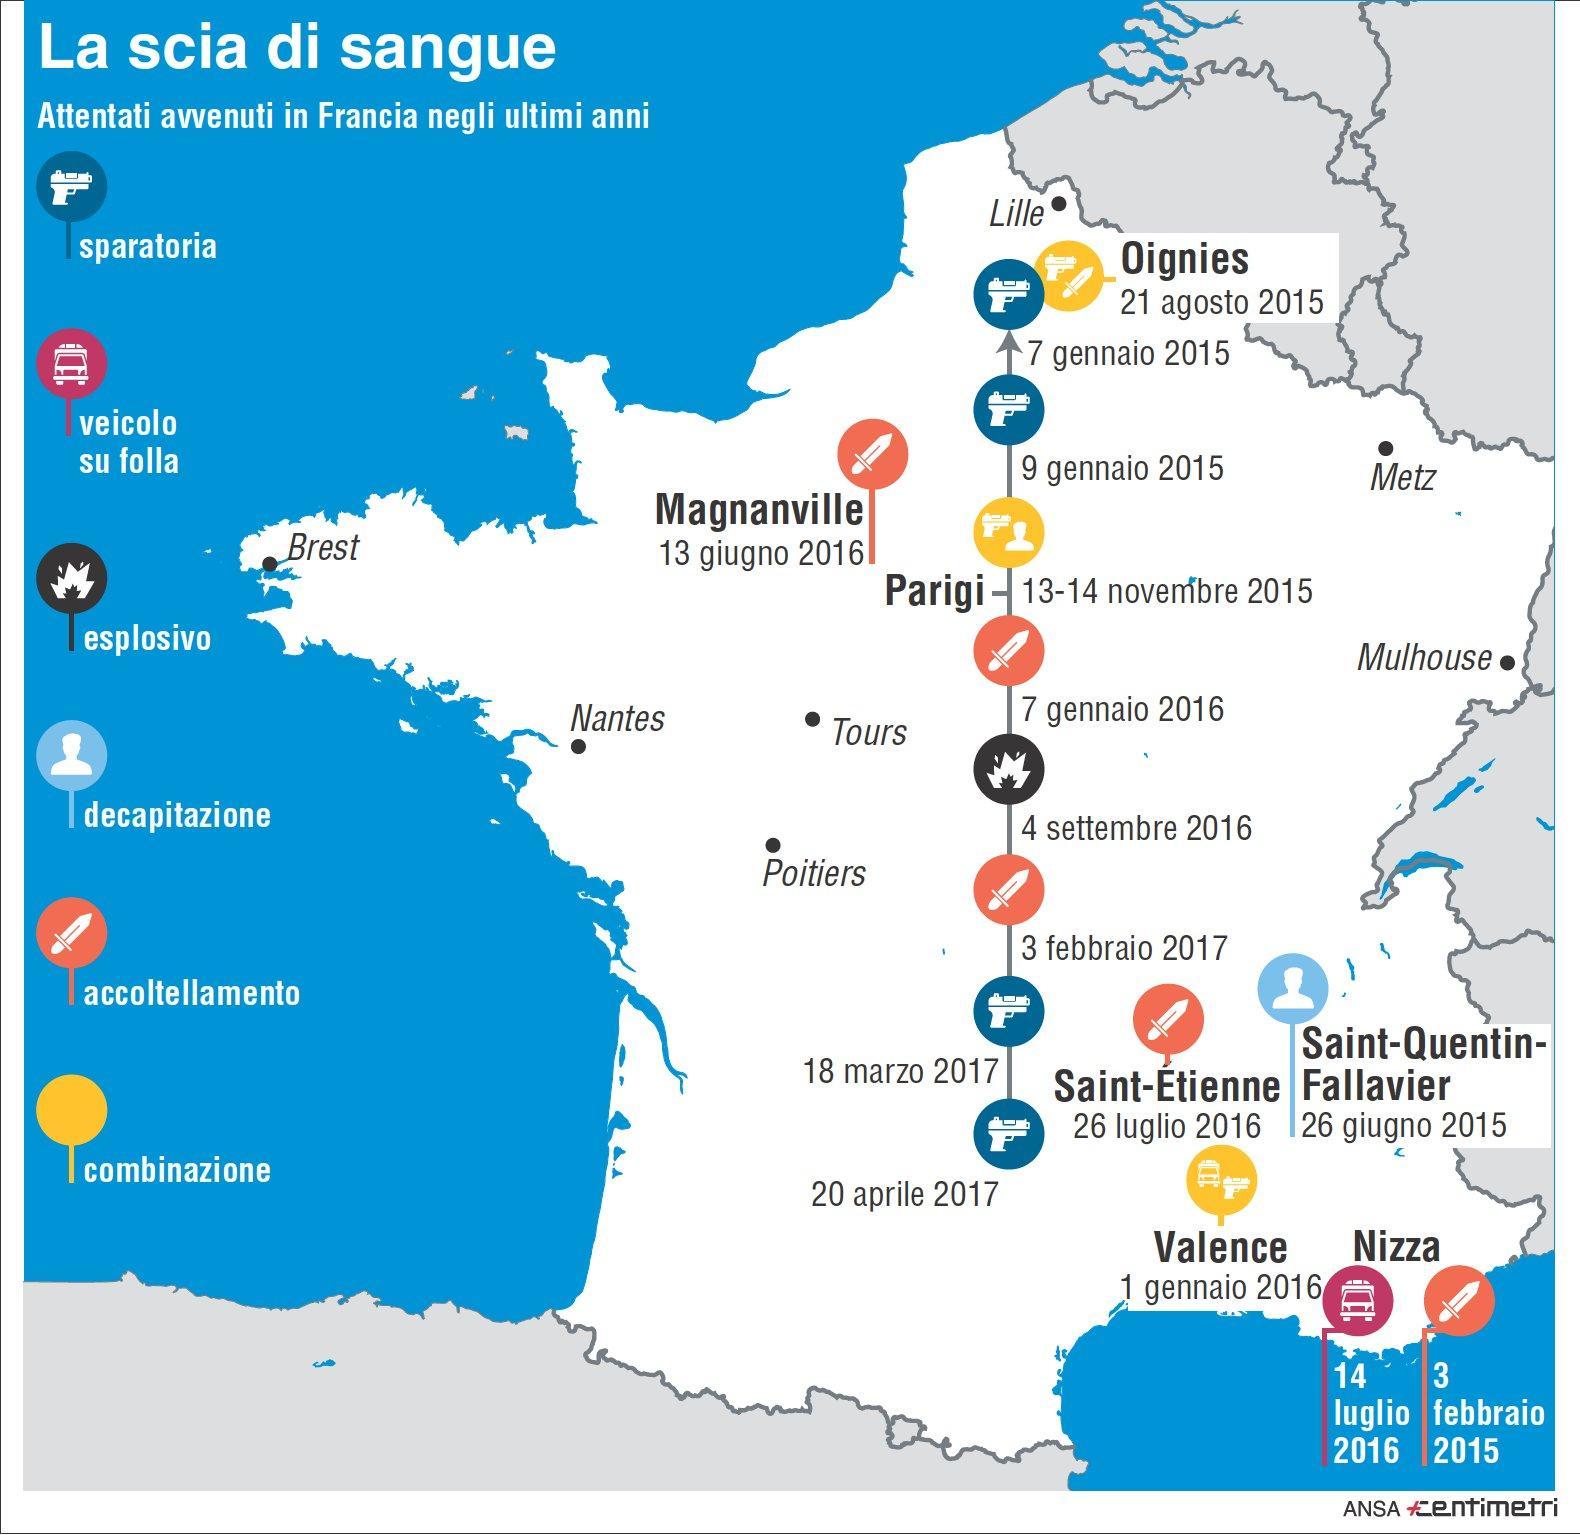 Attentati, la scia di sangue su tutta la Francia